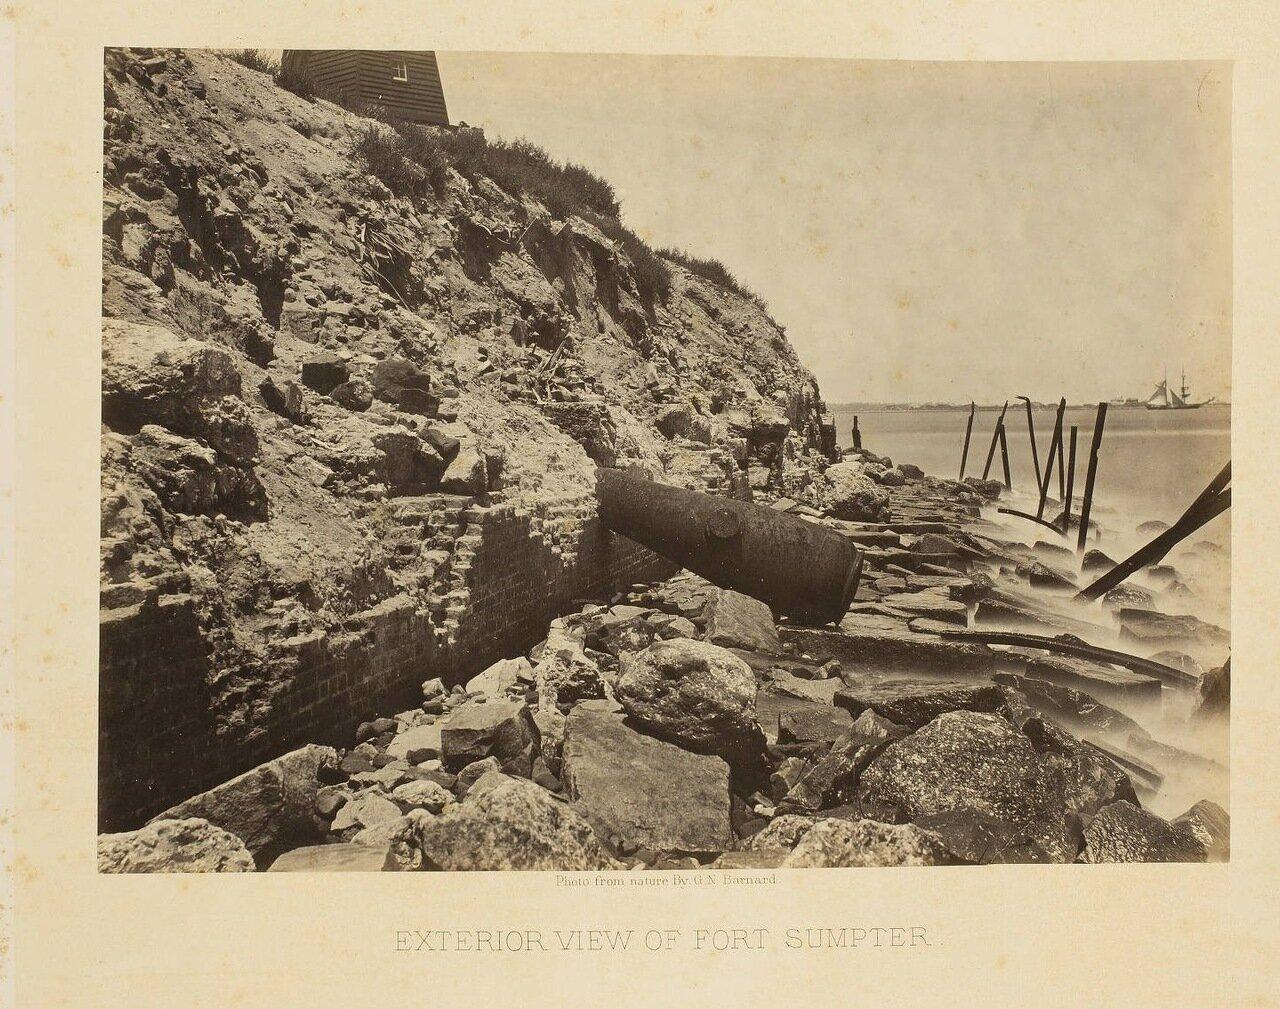 Вид форта Самтер около города Чарльстон, Южная Каролина